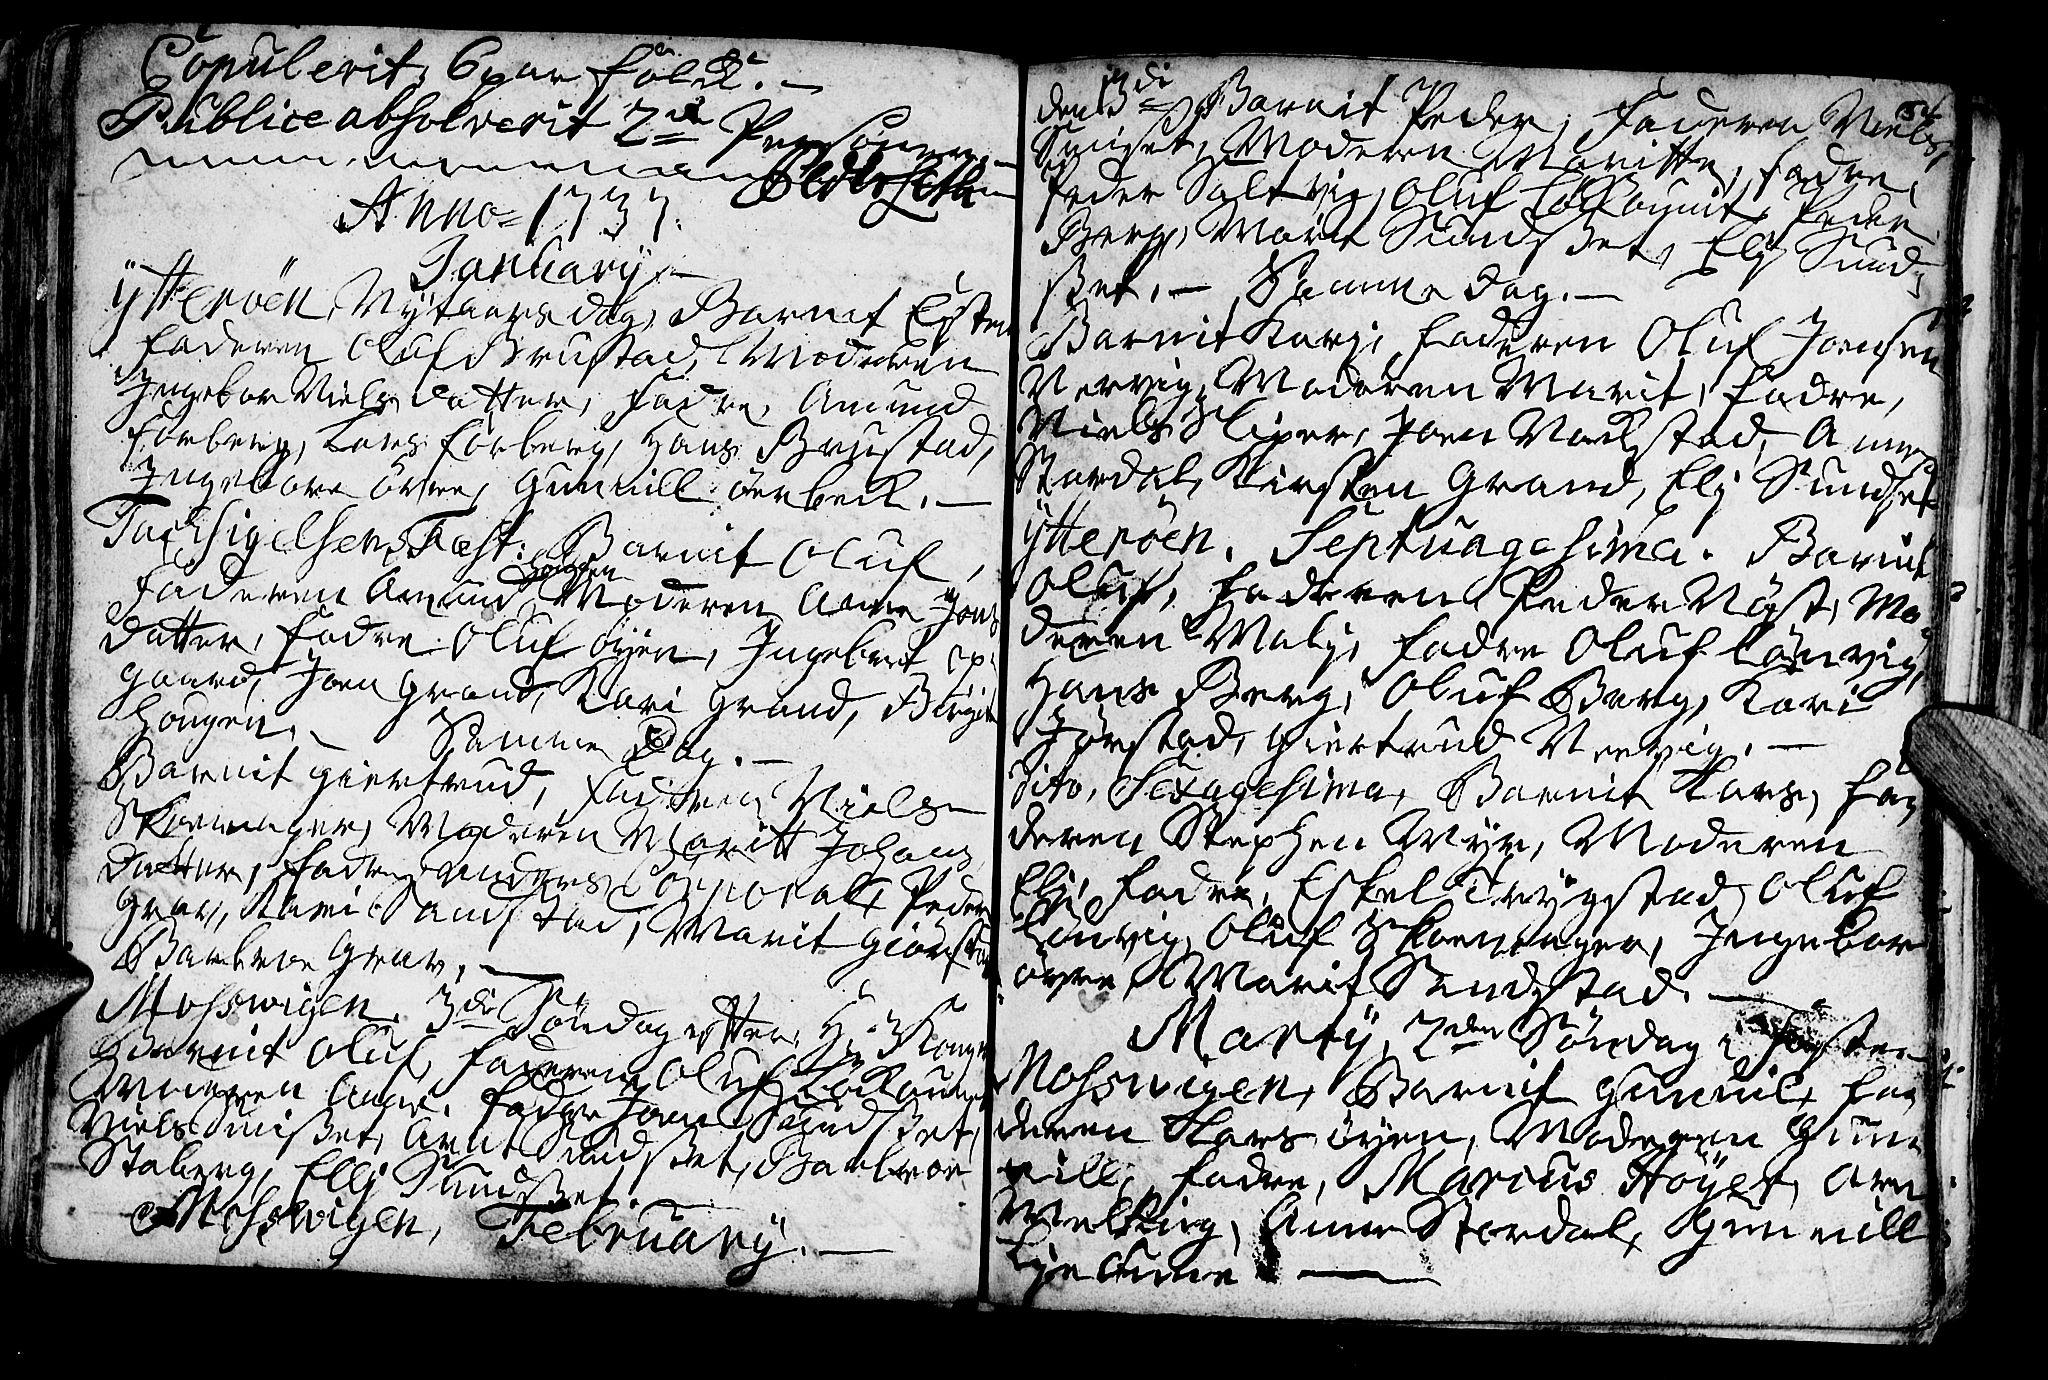 SAT, Ministerialprotokoller, klokkerbøker og fødselsregistre - Nord-Trøndelag, 722/L0215: Ministerialbok nr. 722A02, 1718-1755, s. 54